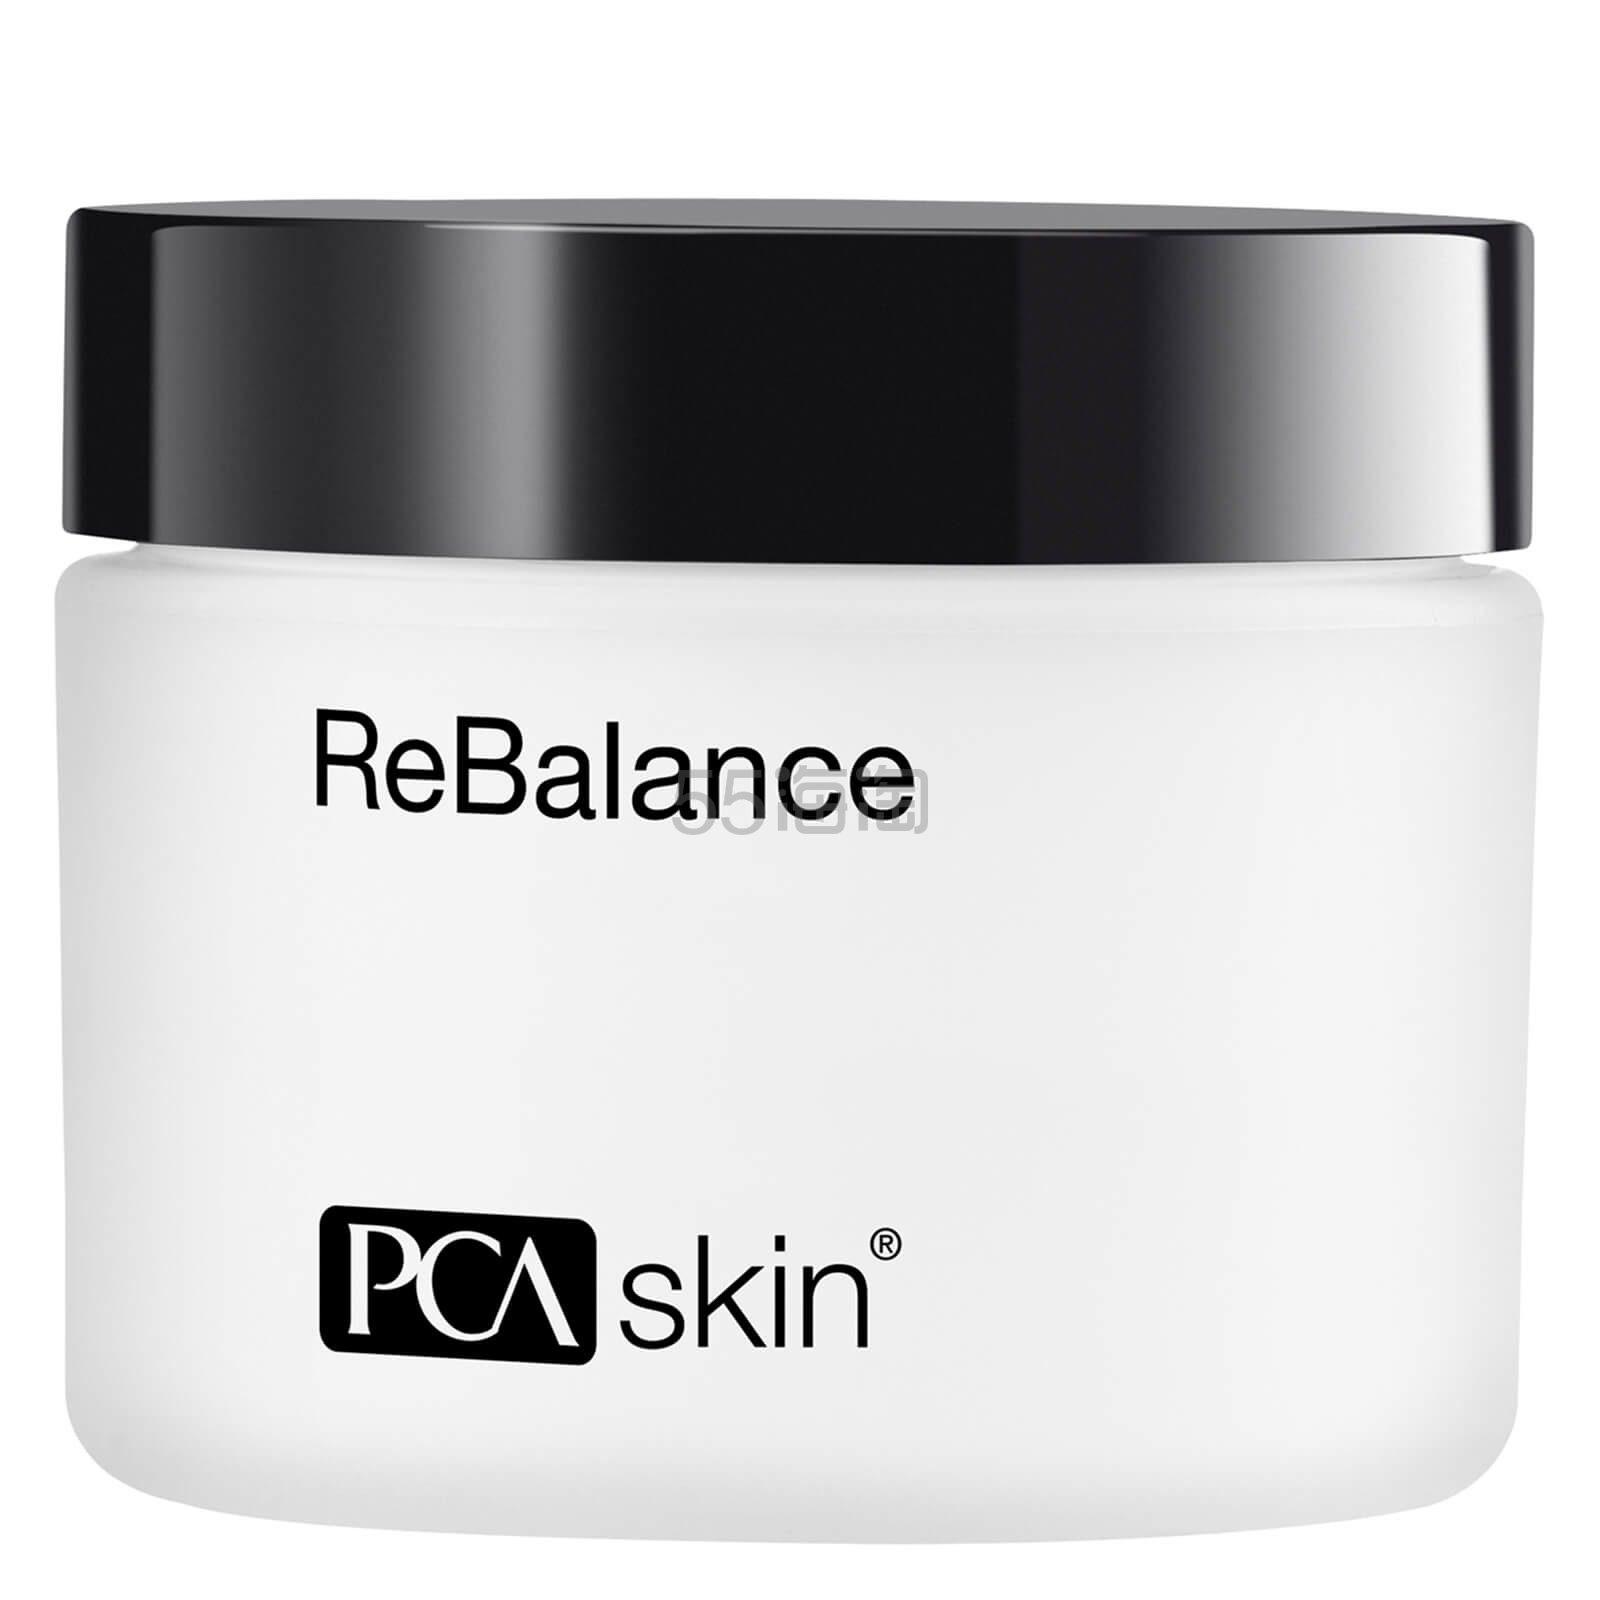 【闪促7折】PCA skin 敏感肌适用平衡霜